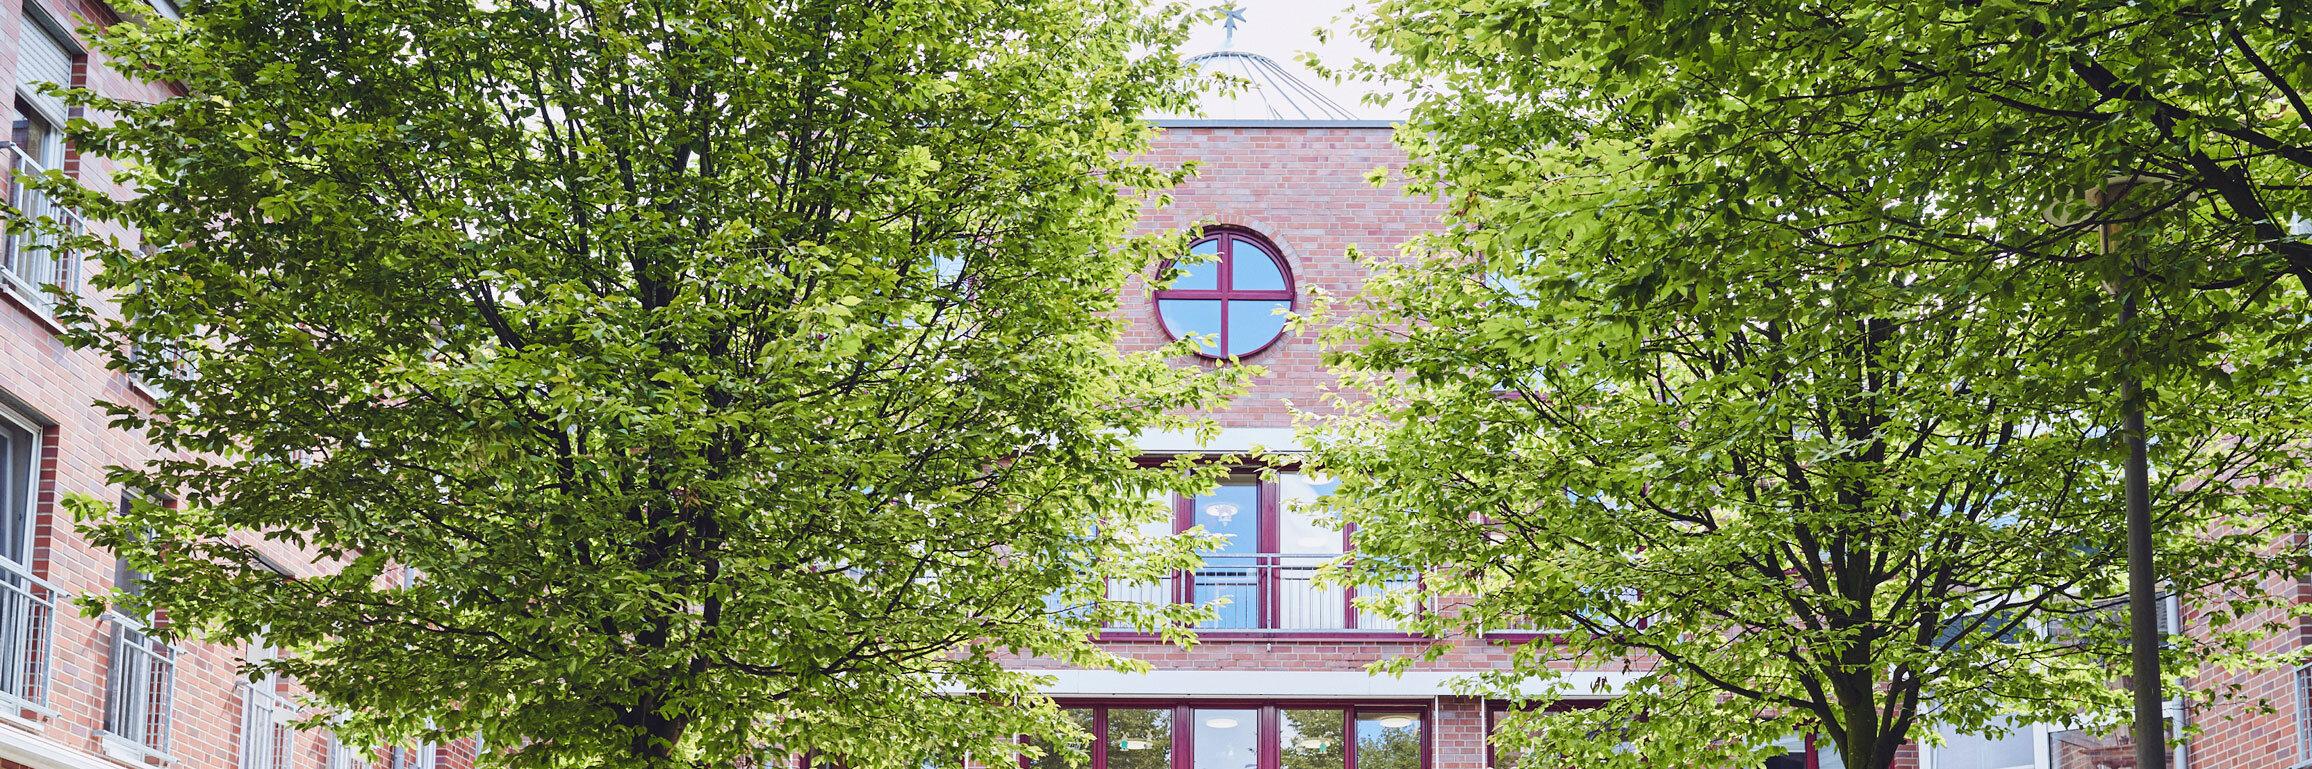 Schön gestalteter Vorplatz mit zwei Bäumen und gegenüberstehenden Bänken zum Johanniter-Stift Wuppertal